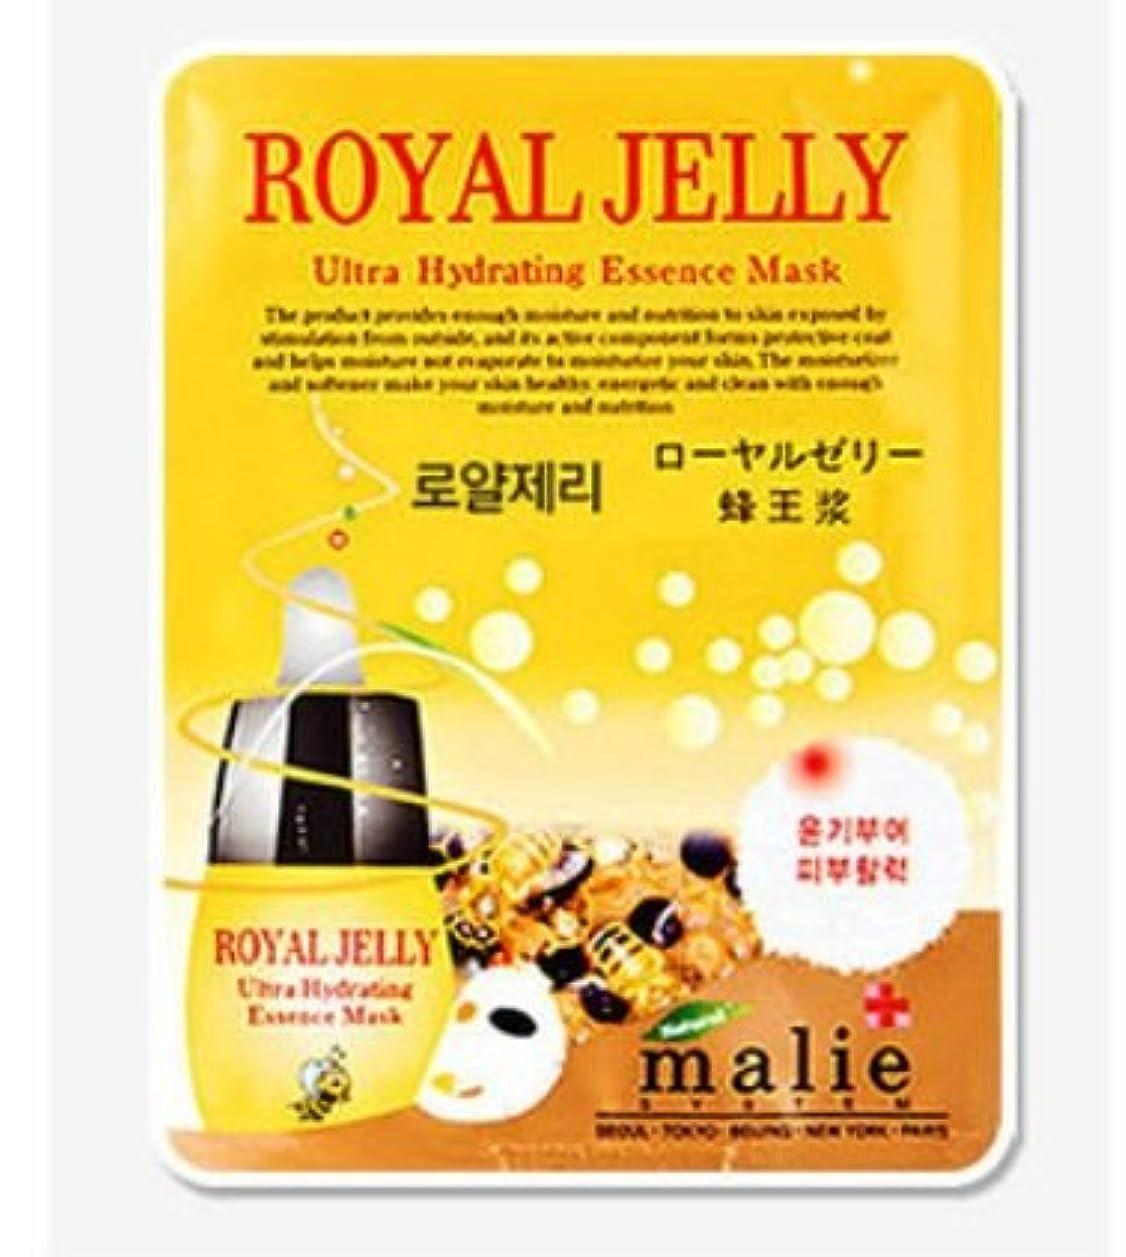 アウター脱獄消費者[MALIE] まりえローヤルゼリーウルトラ?ハイドレーティング?エッセンスマスク25gX10枚 / Malie Royal Jelly Ultra Hydrating Essence Mask [並行輸入品]